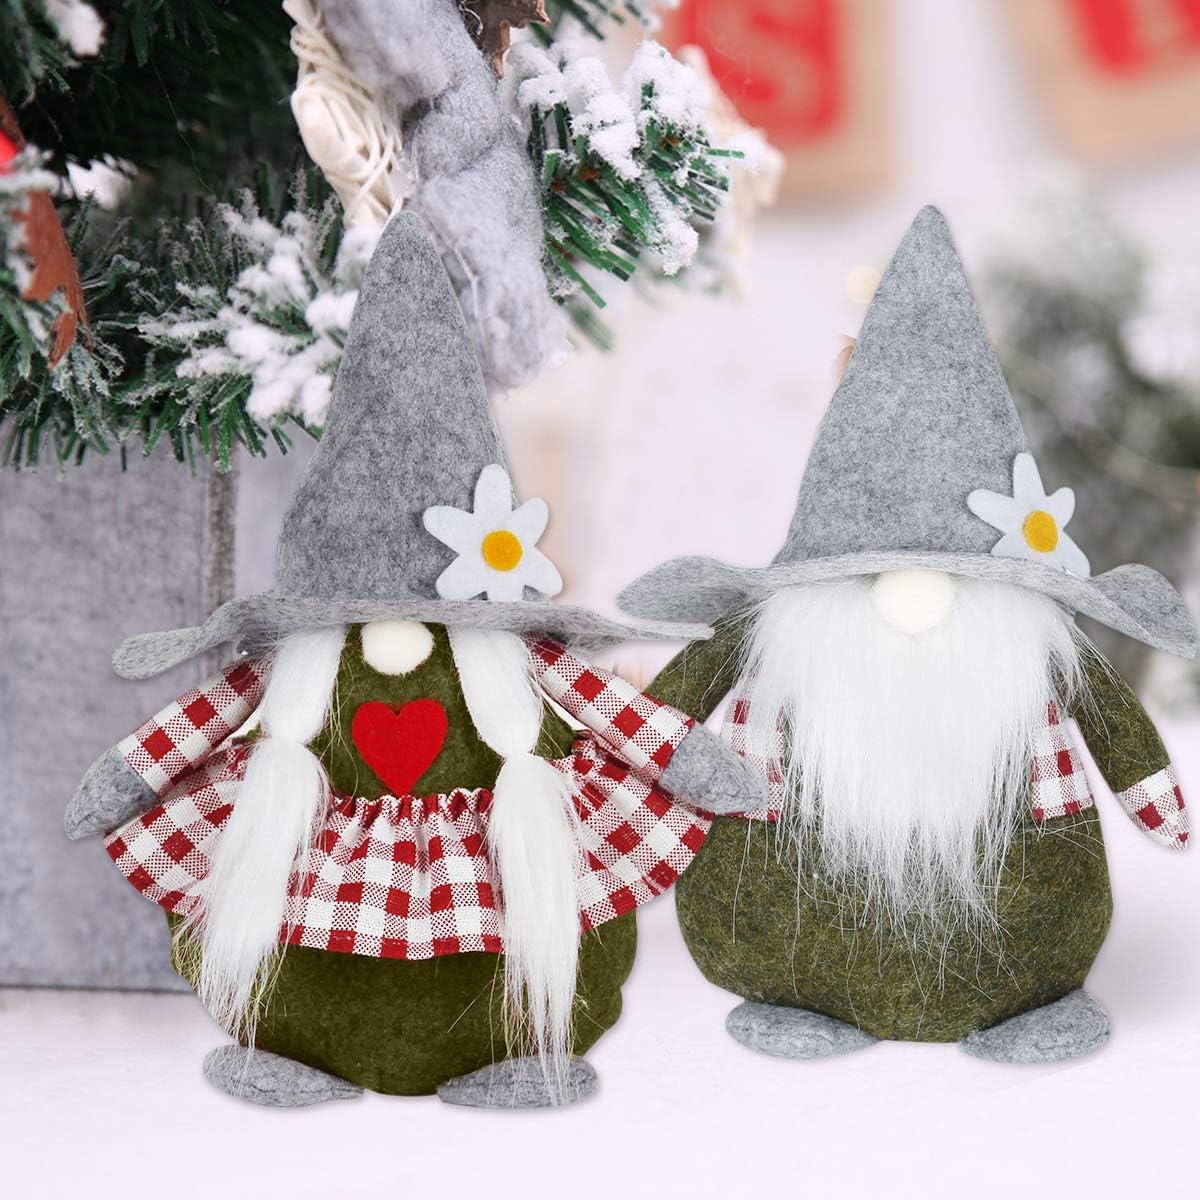 FengRise Adornos navide/ños Mu/ñeca con Soporte de Tela Kit de decoraci/ón navide/ña para el 2 Piezas Decoraci/ón navide/ña de mu/ñeco Rudolph para ni/ños Regalos de decoraci/ón de Fiesta de Navidad